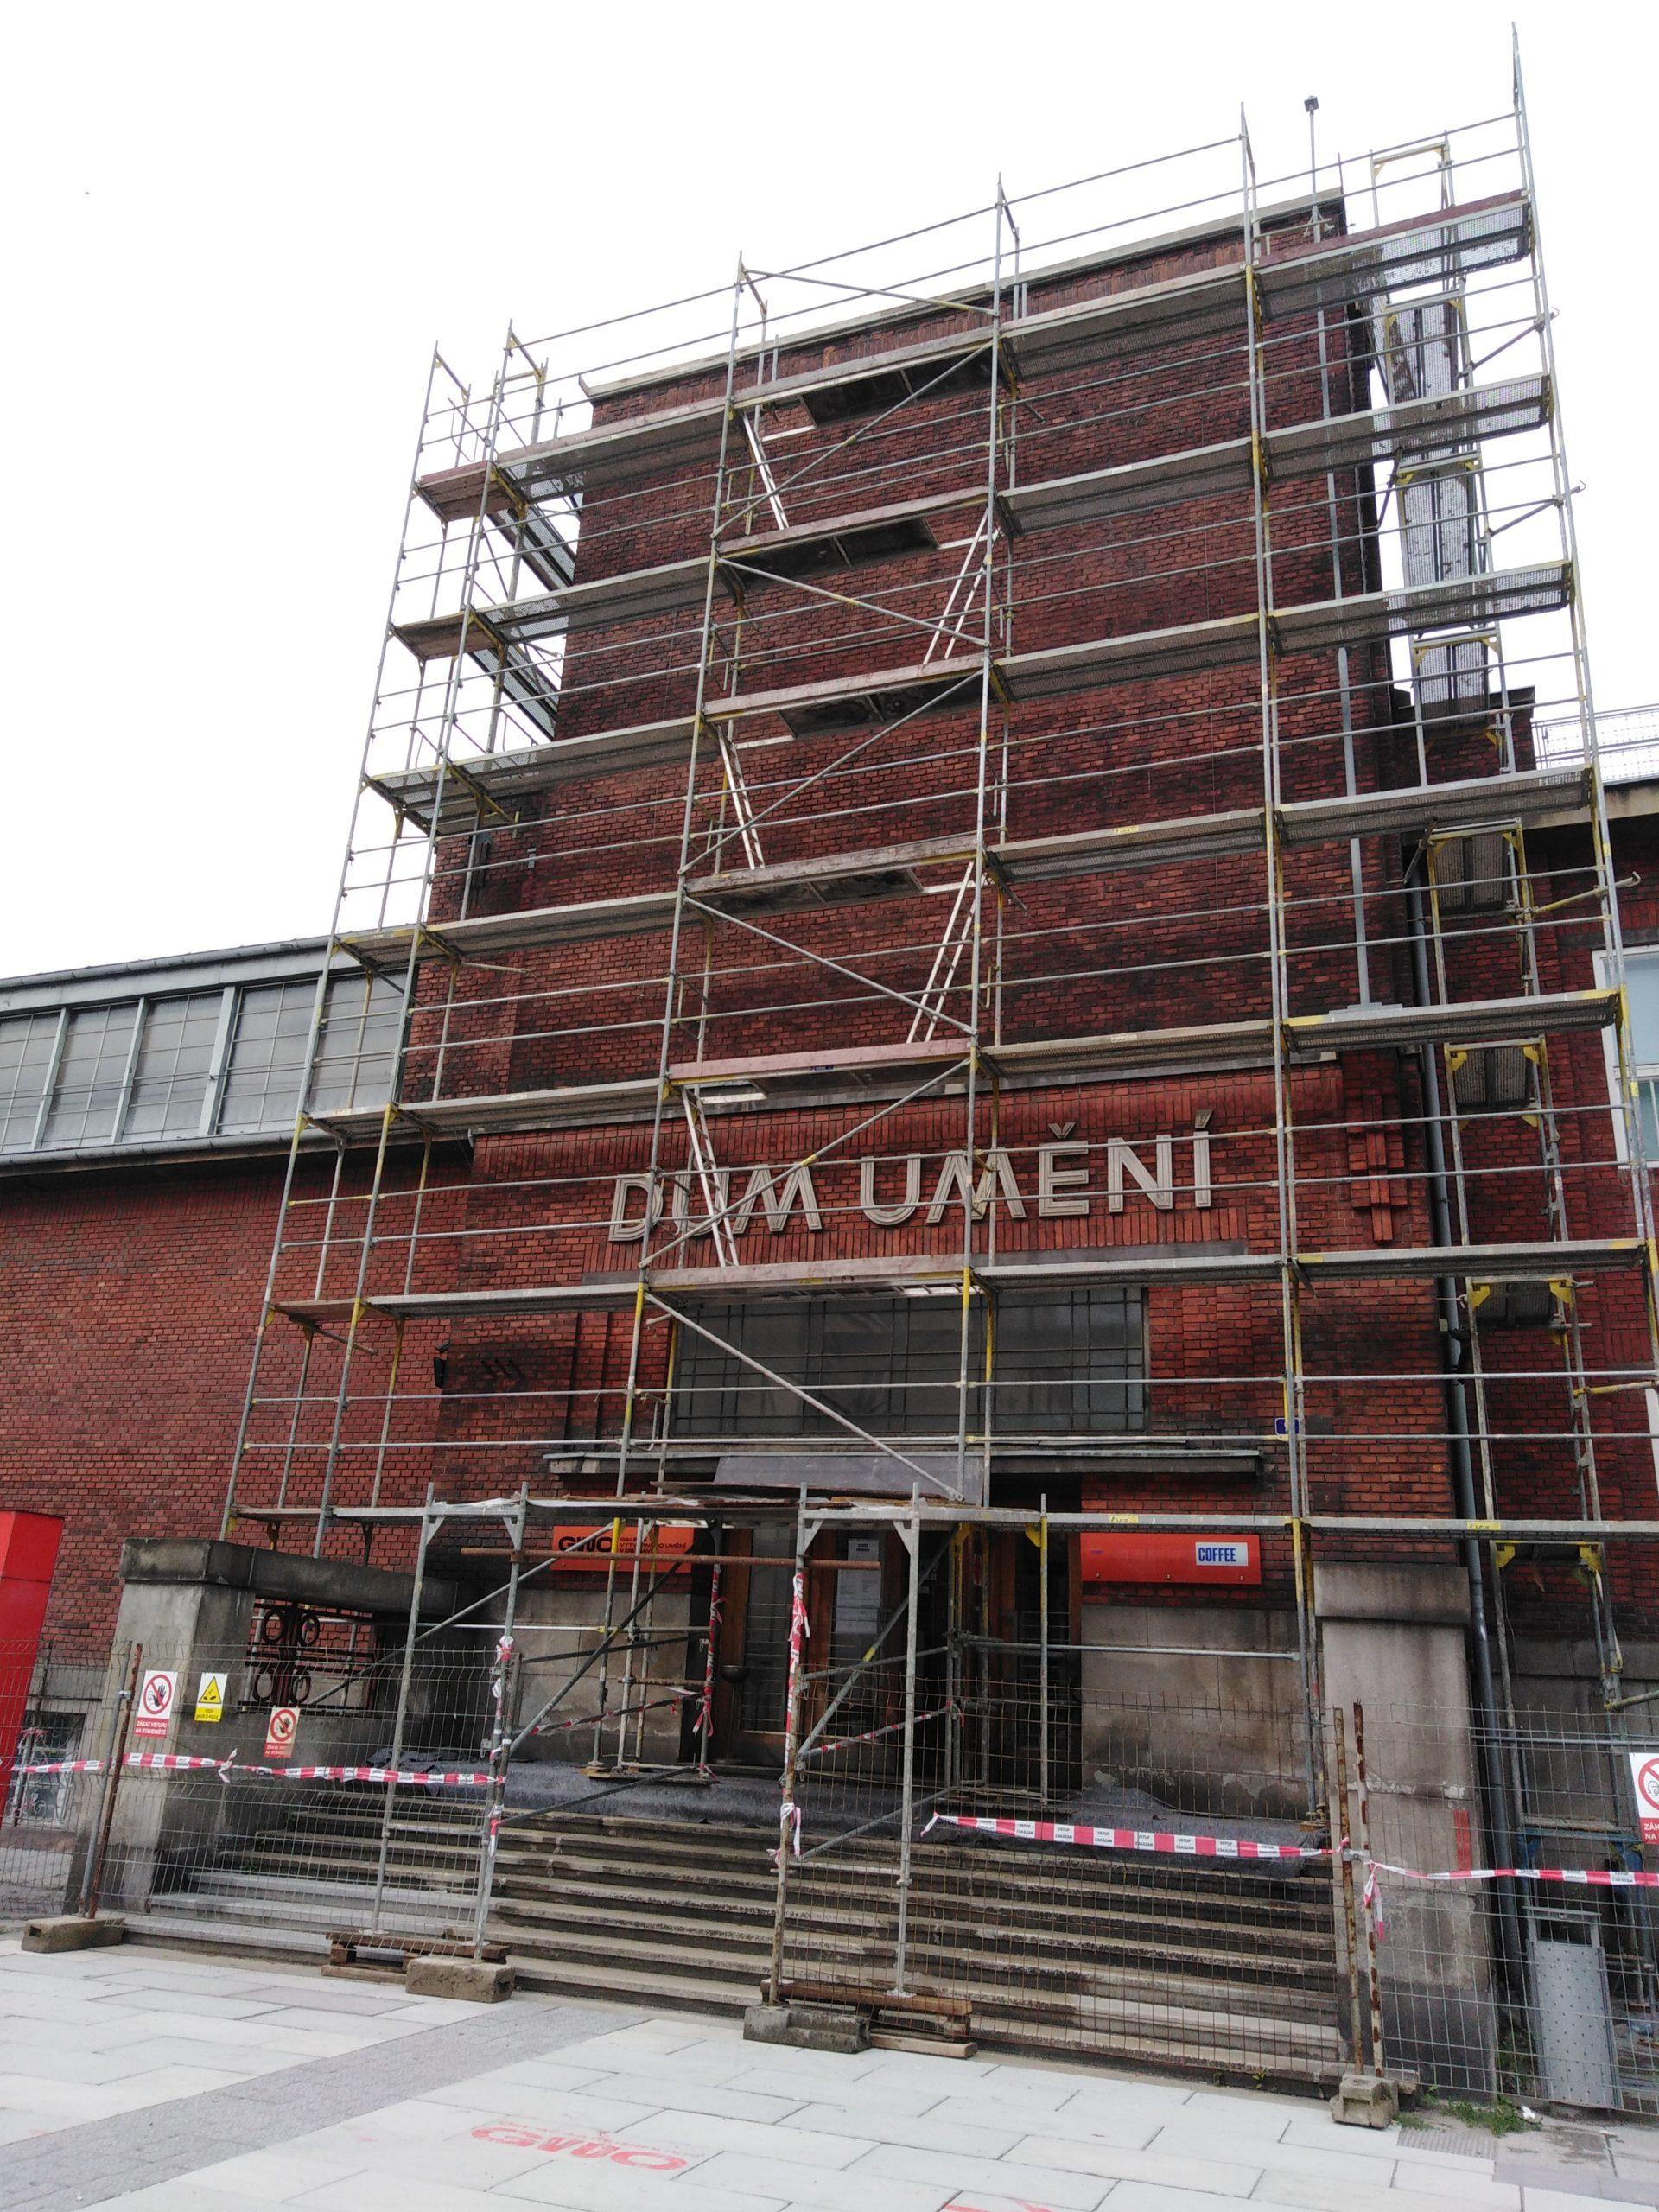 Rekonstrukce střech Domu umění v Ostravě